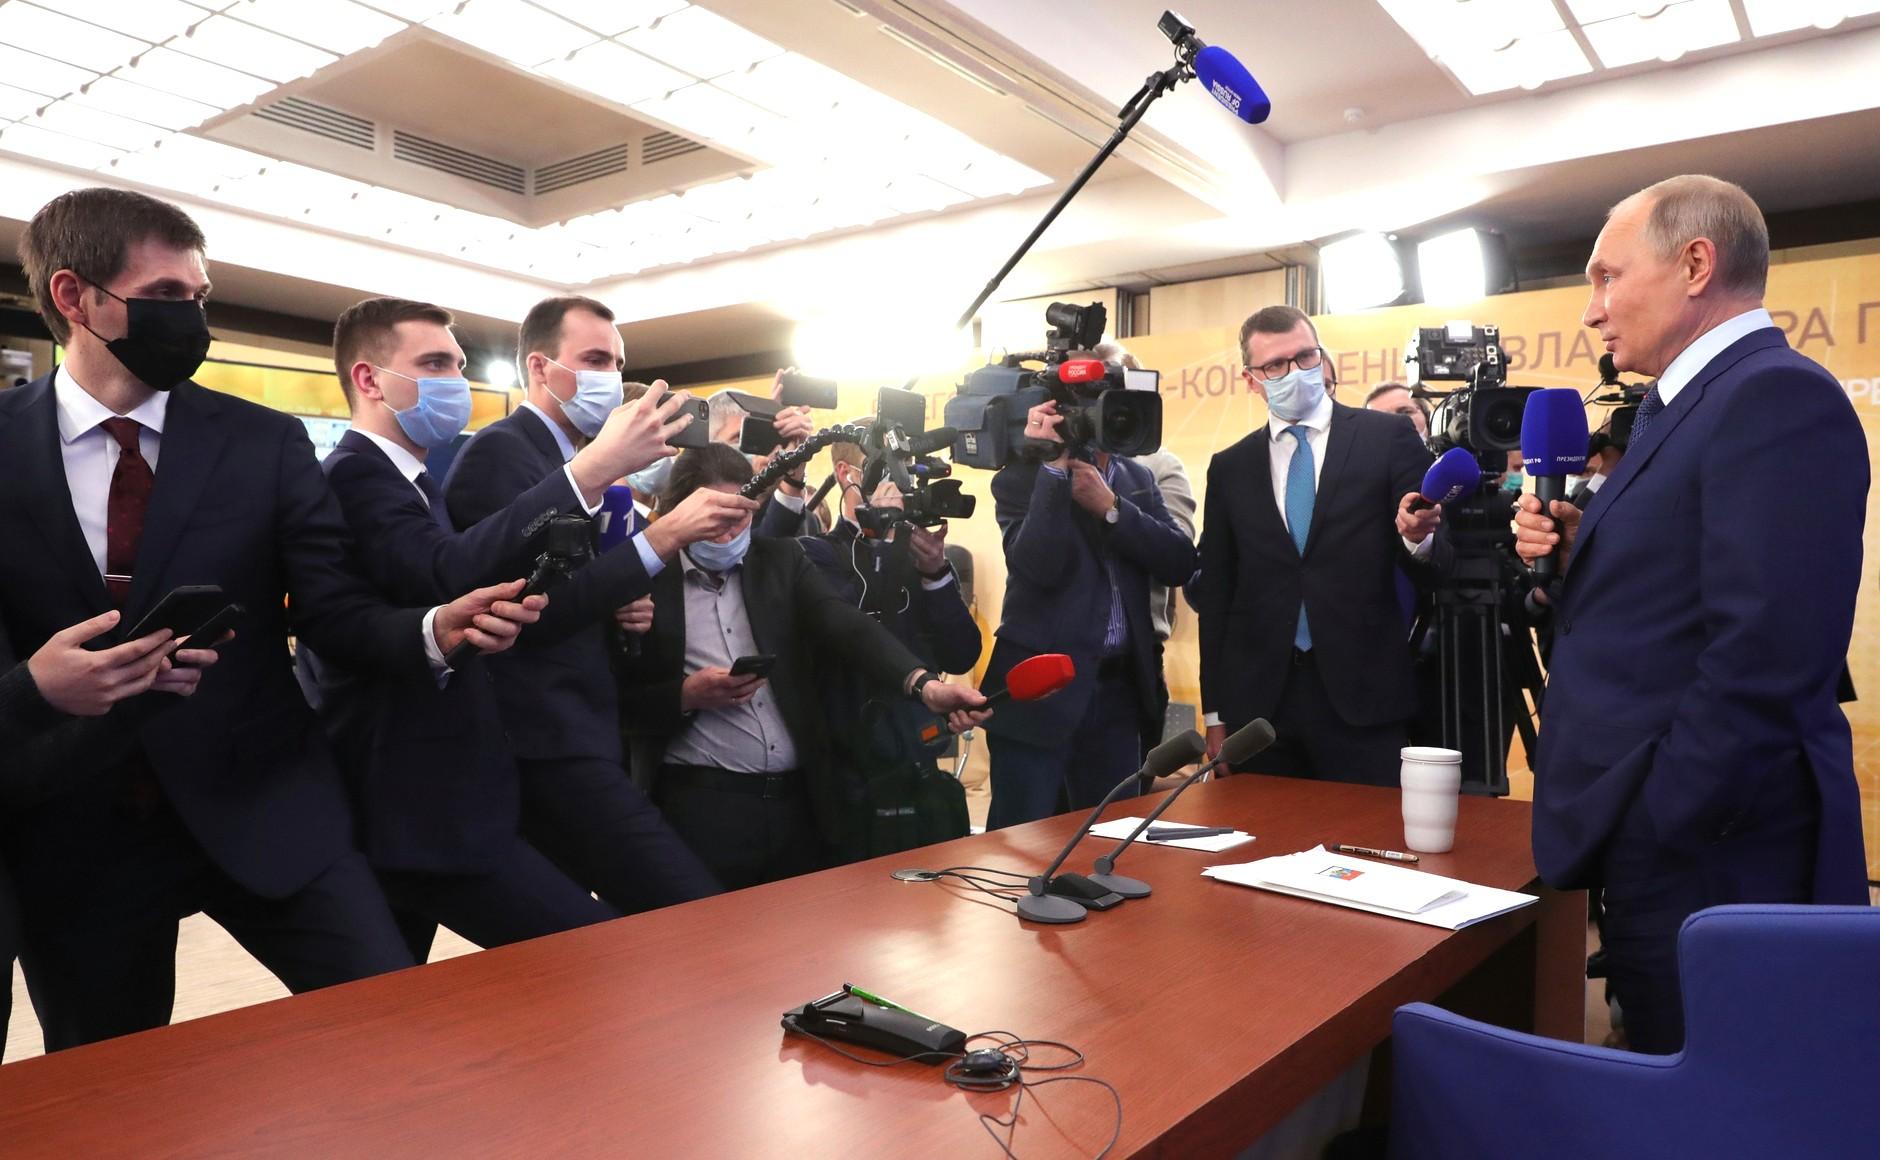 RUSSIE 17.12.2020.CONFERENCE 64 XX 66 Avant le début de la conférence de presse annuelle de Vladimir Poutine.